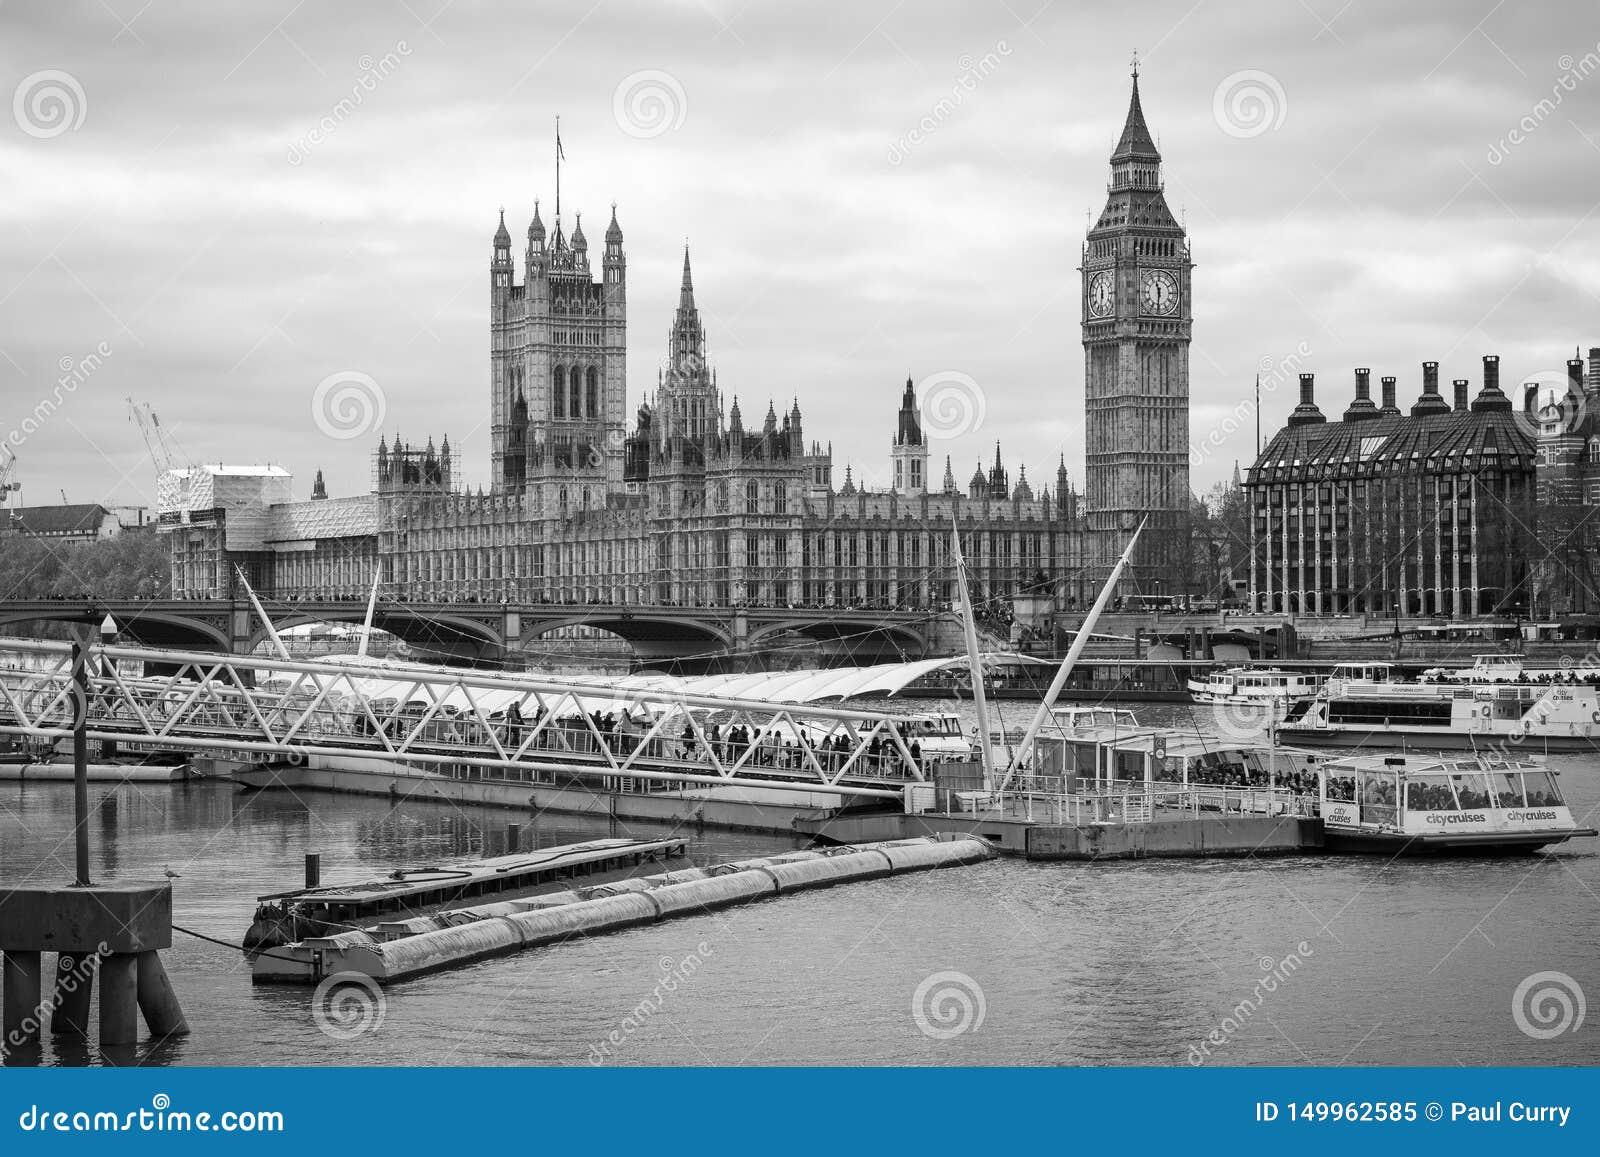 Temas & Big Ben do rio de Londres